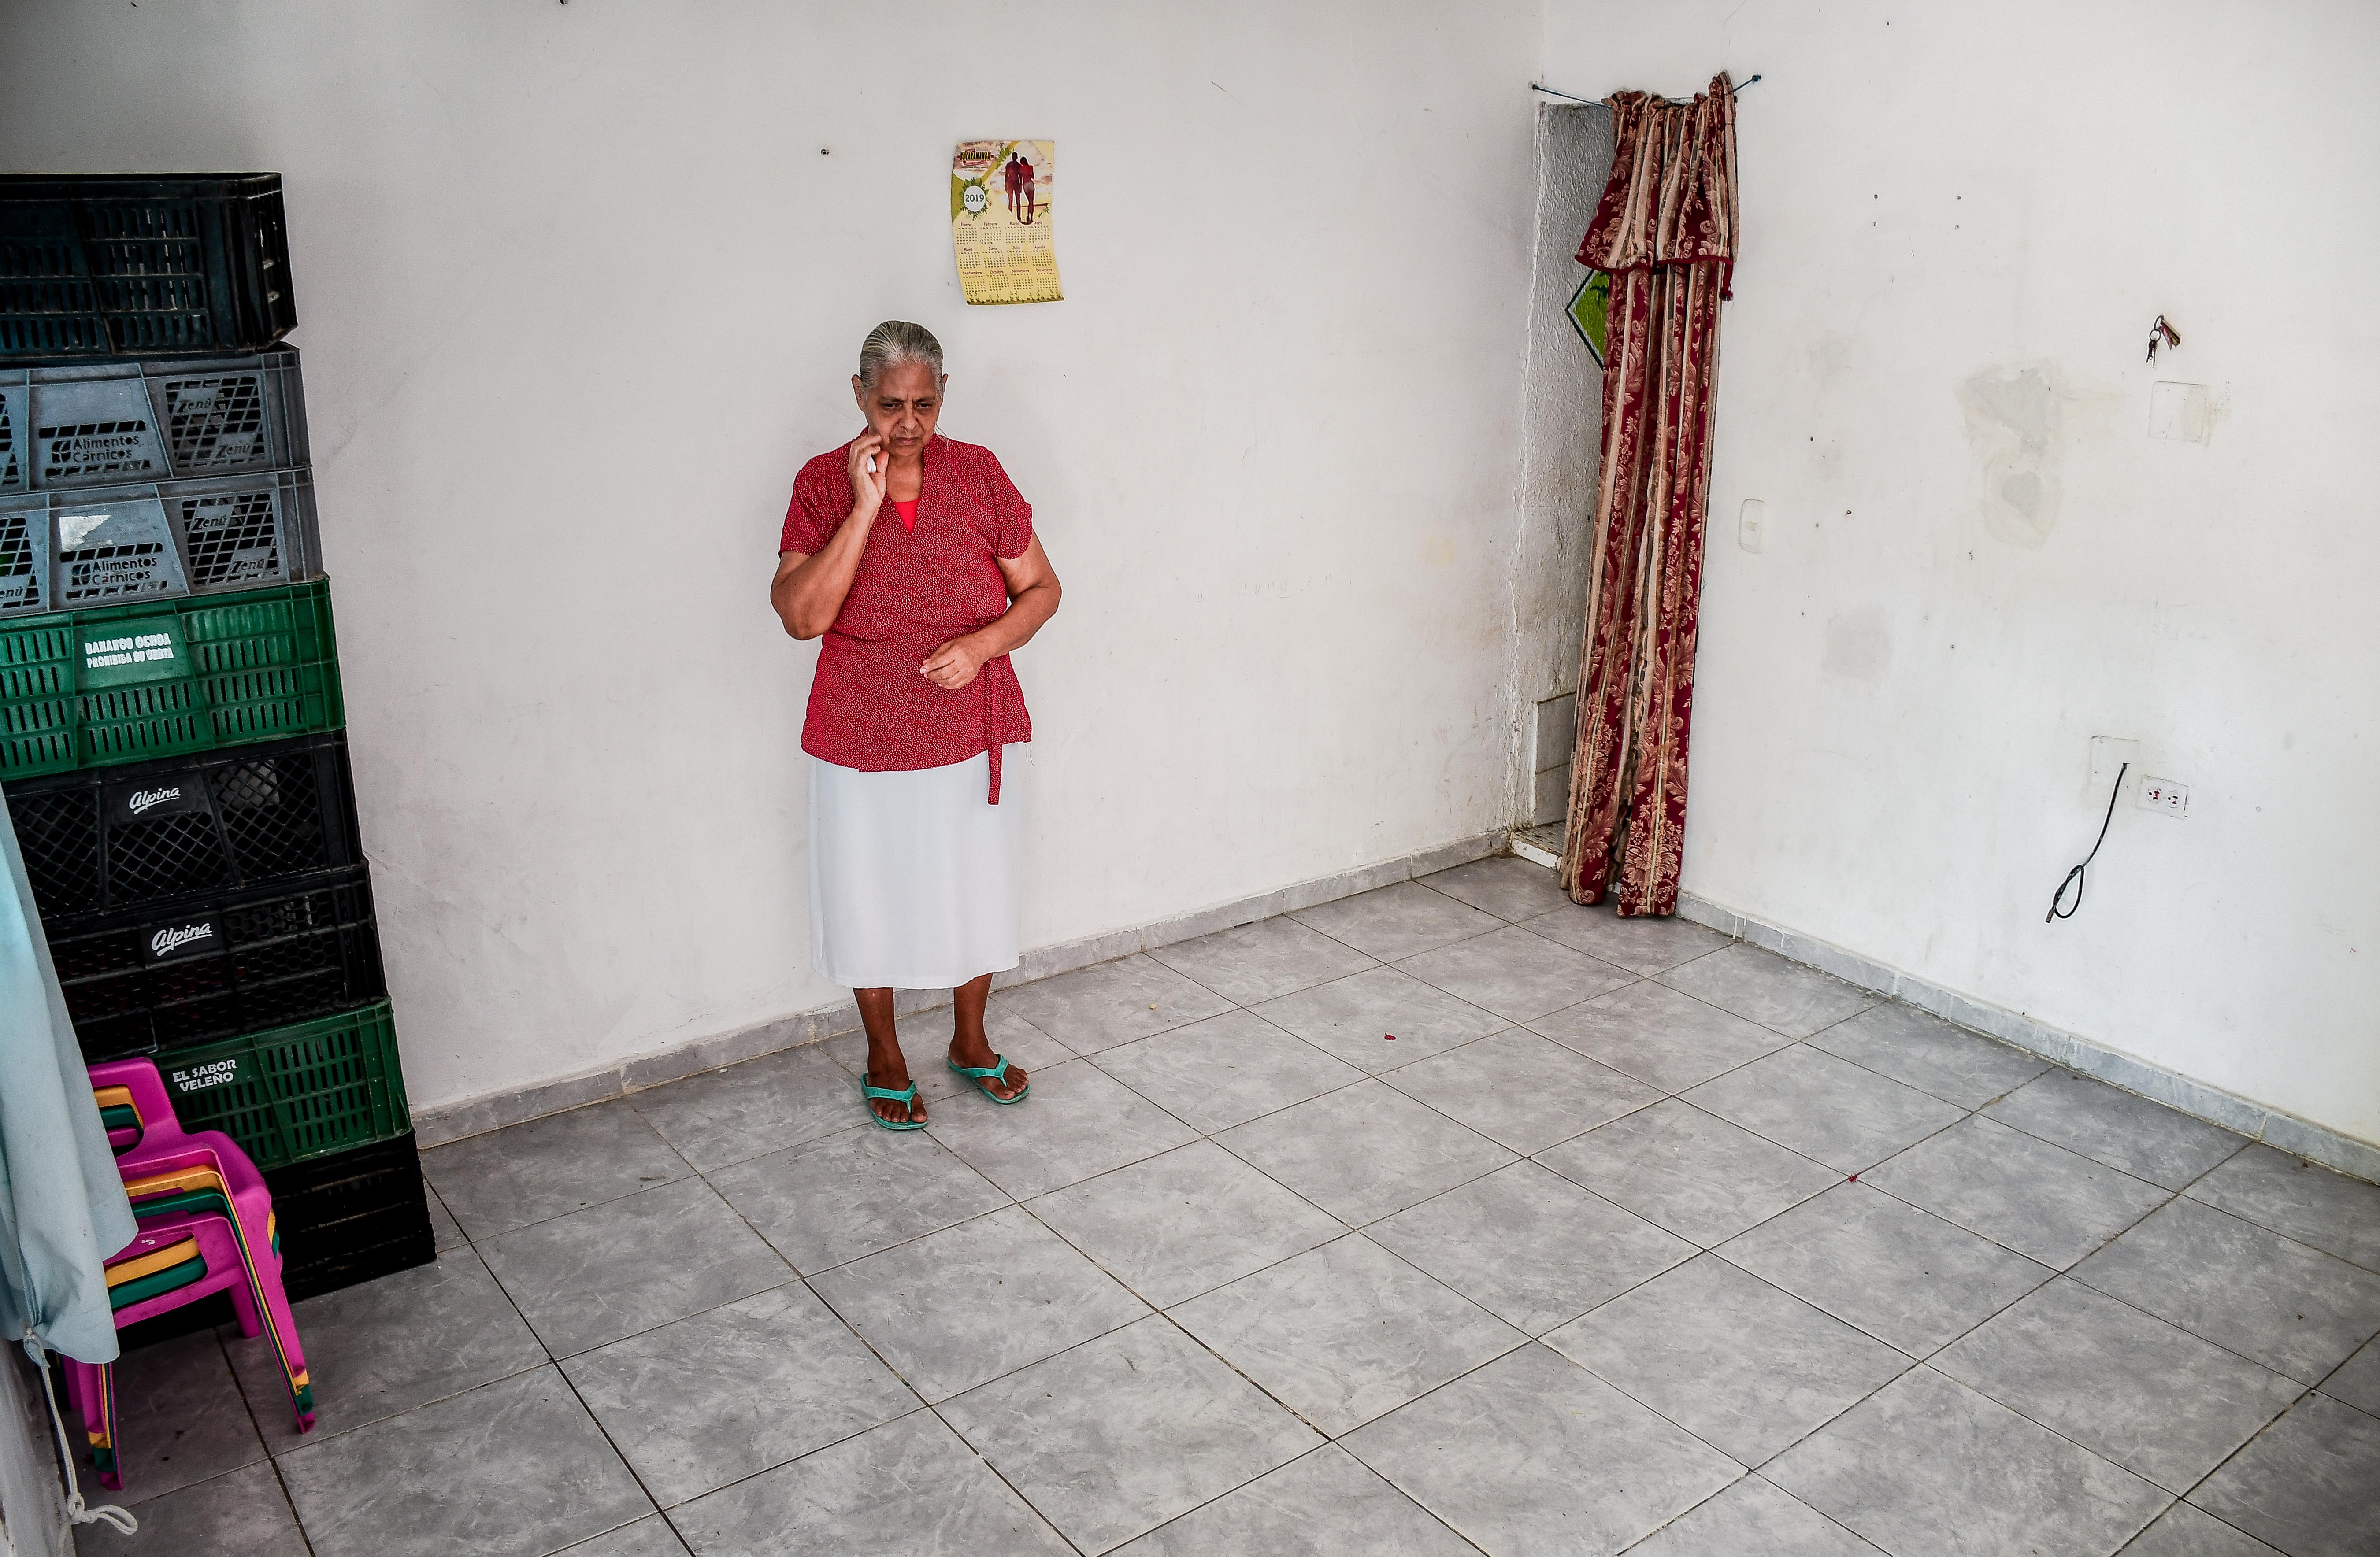 La casa de Nancy está vacía porque se han llevado sus pertenencias como parte de pago.